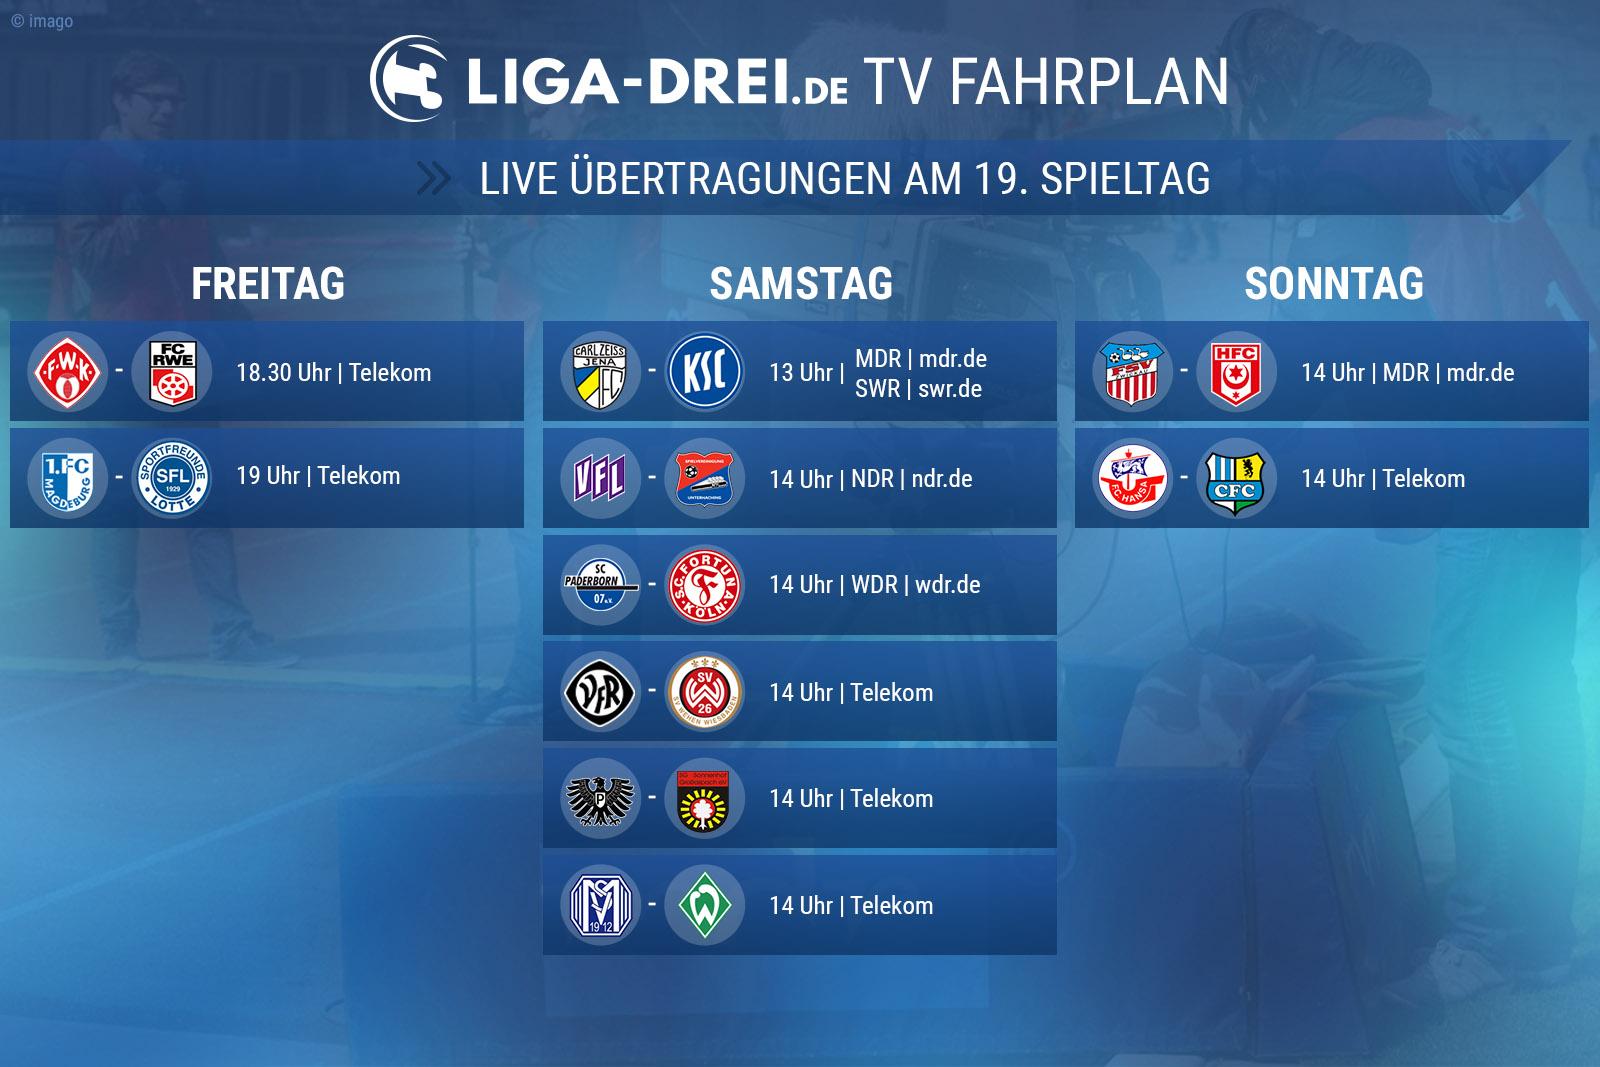 TV Fahrplan für den 19. Spieltag